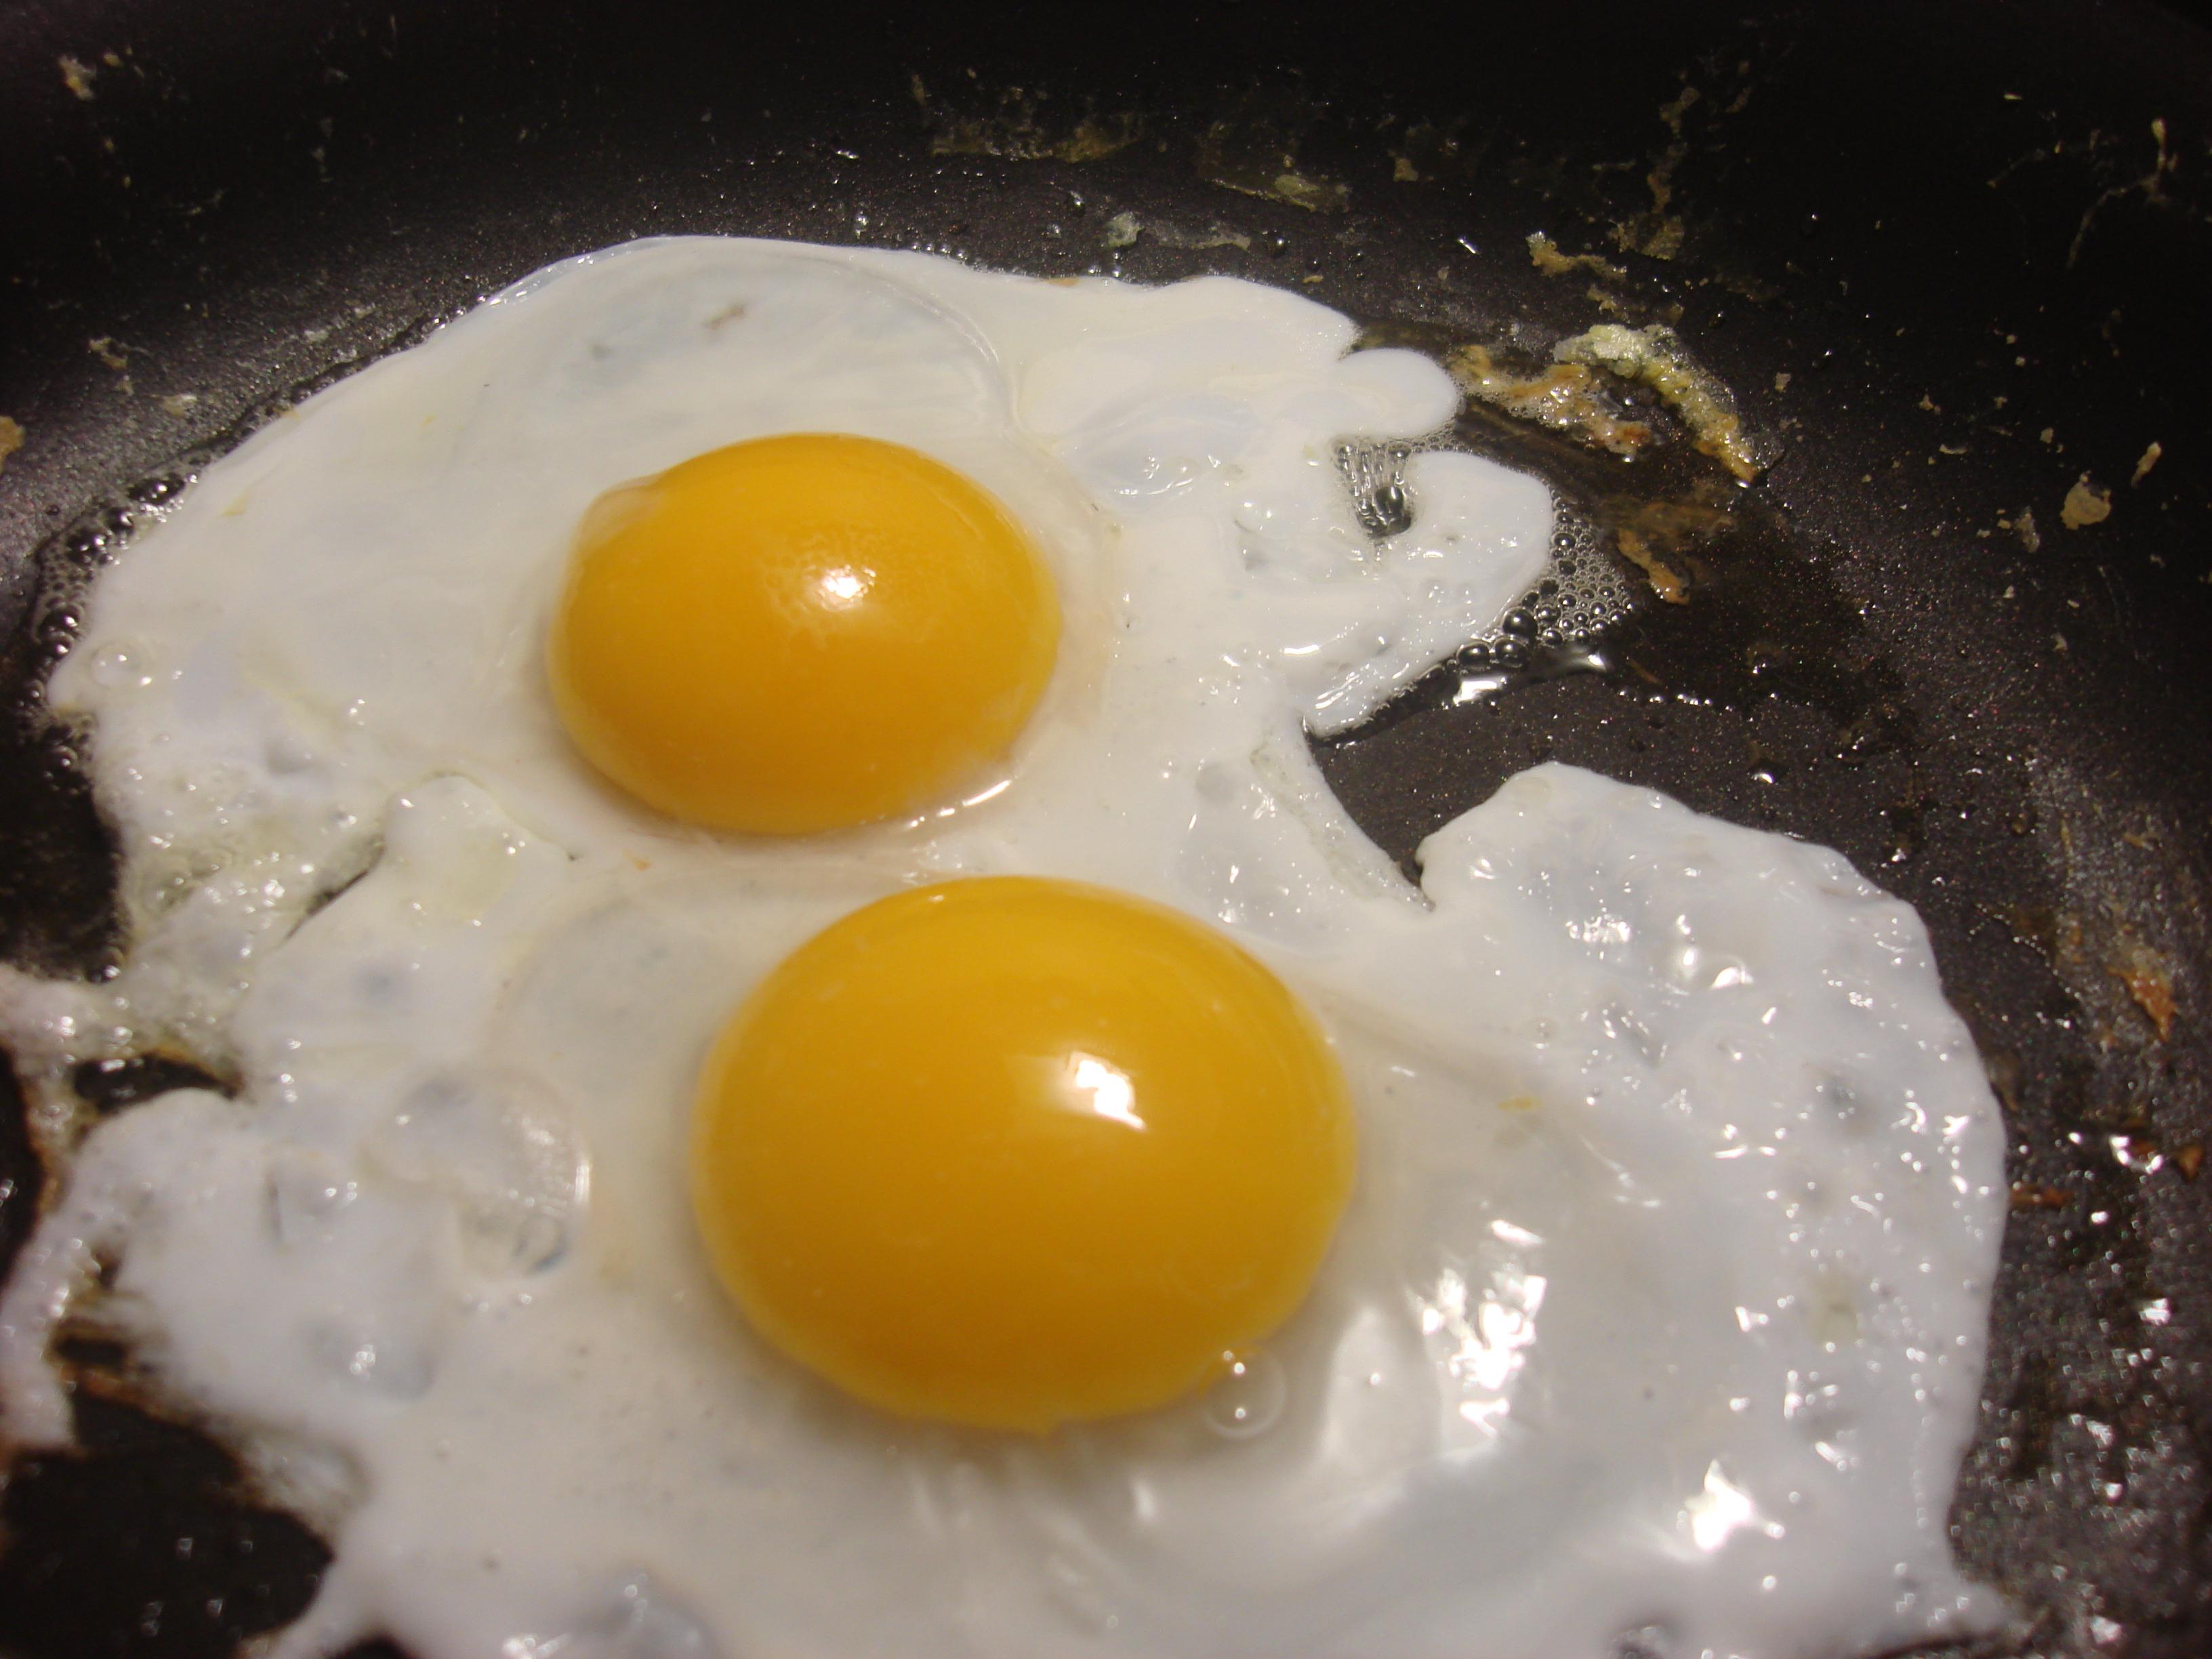 how to avoid sulphur in eggs